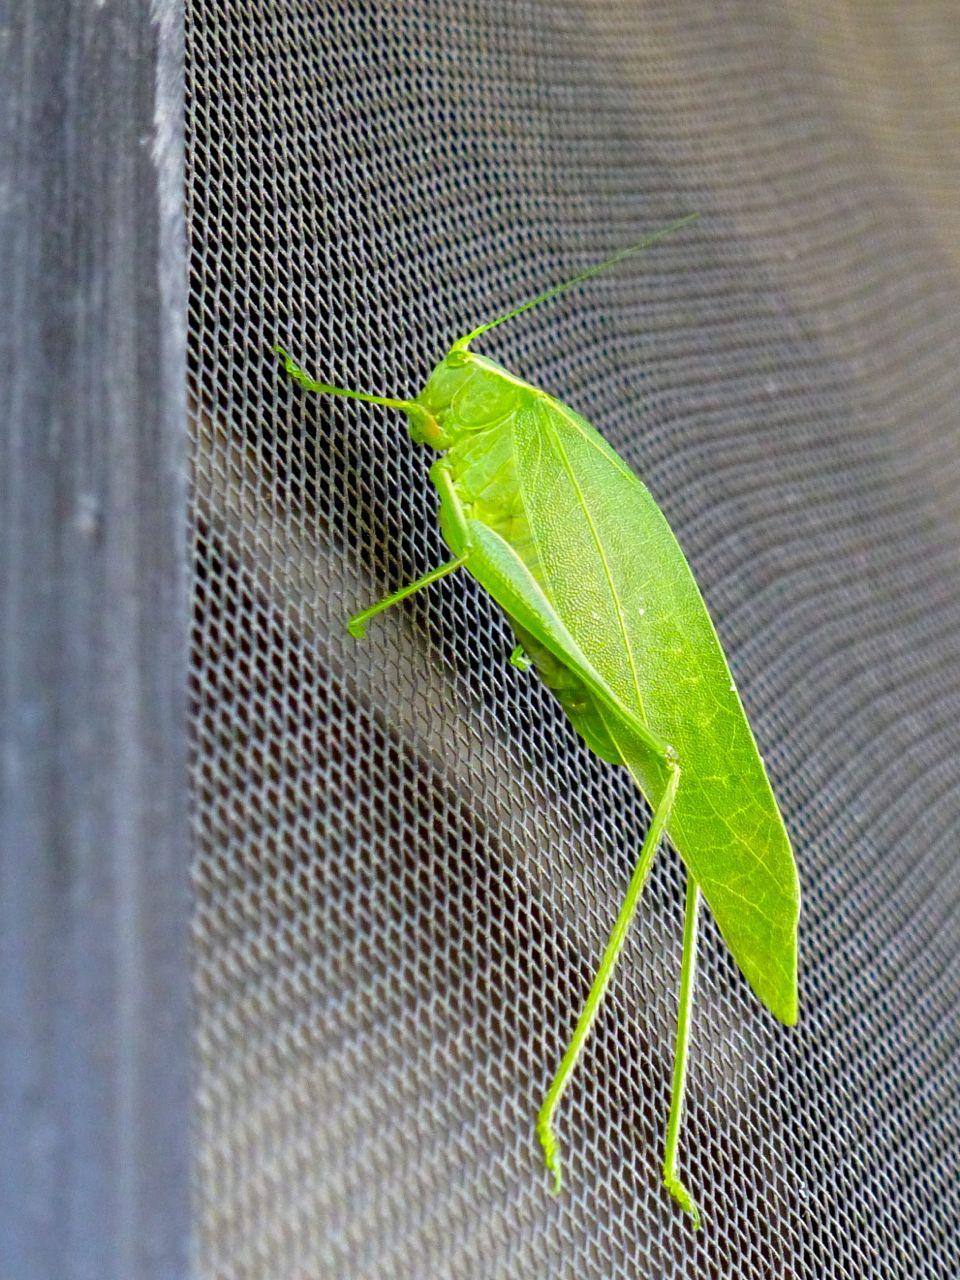 Green grasshopper on screendoor